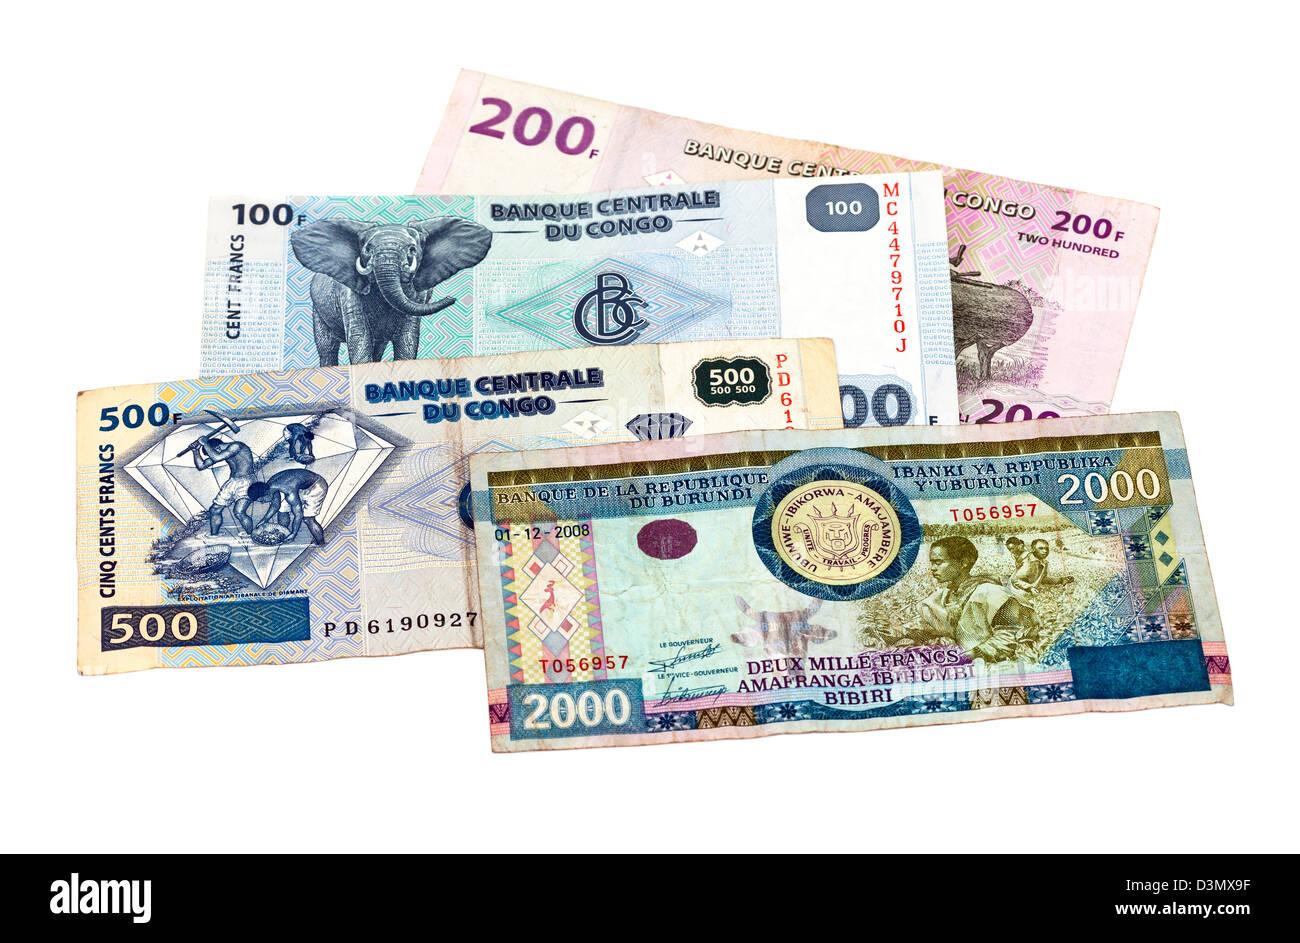 Banknotes of the Congo and Burundi isolated on white background - Stock Image